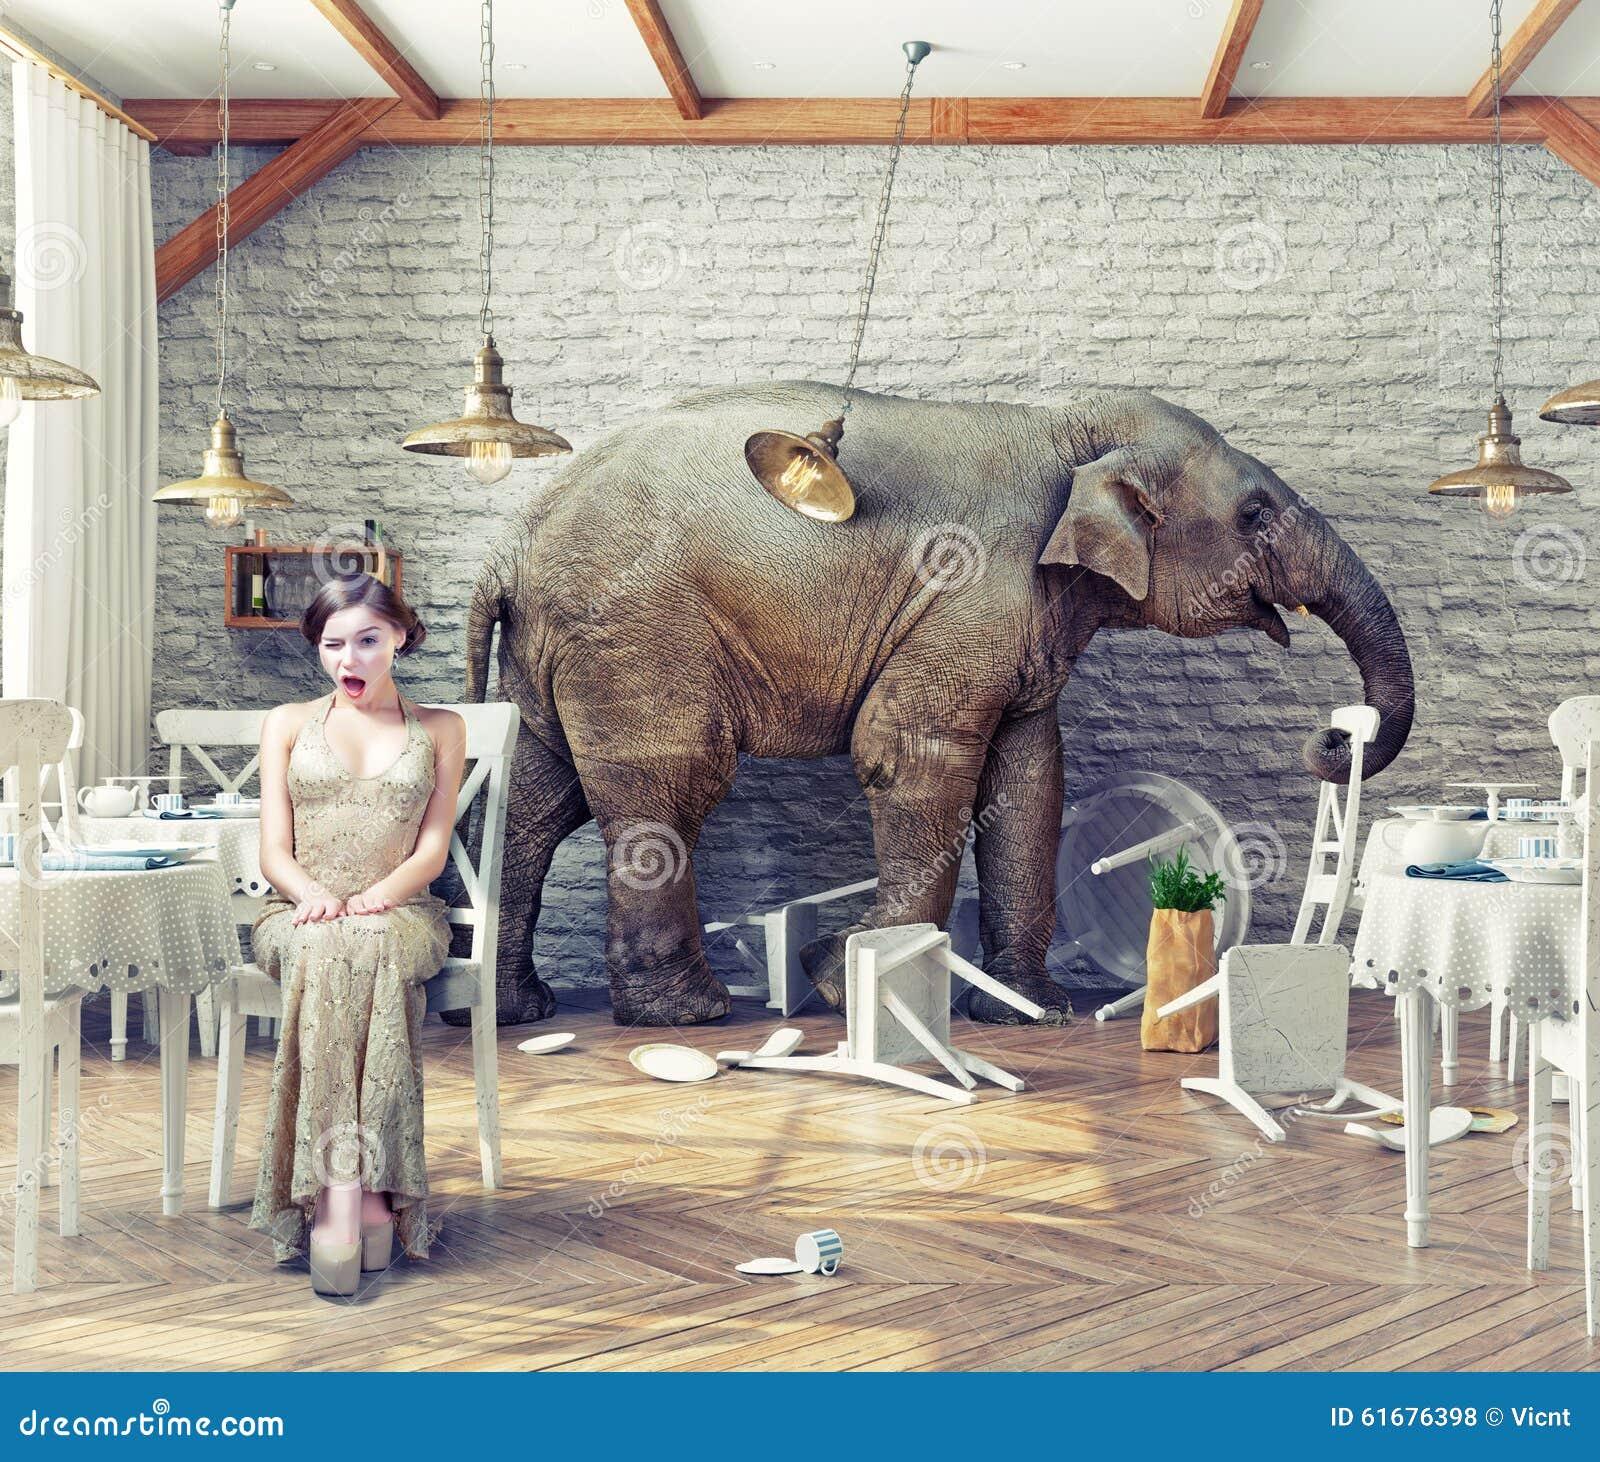 大象安静在餐馆